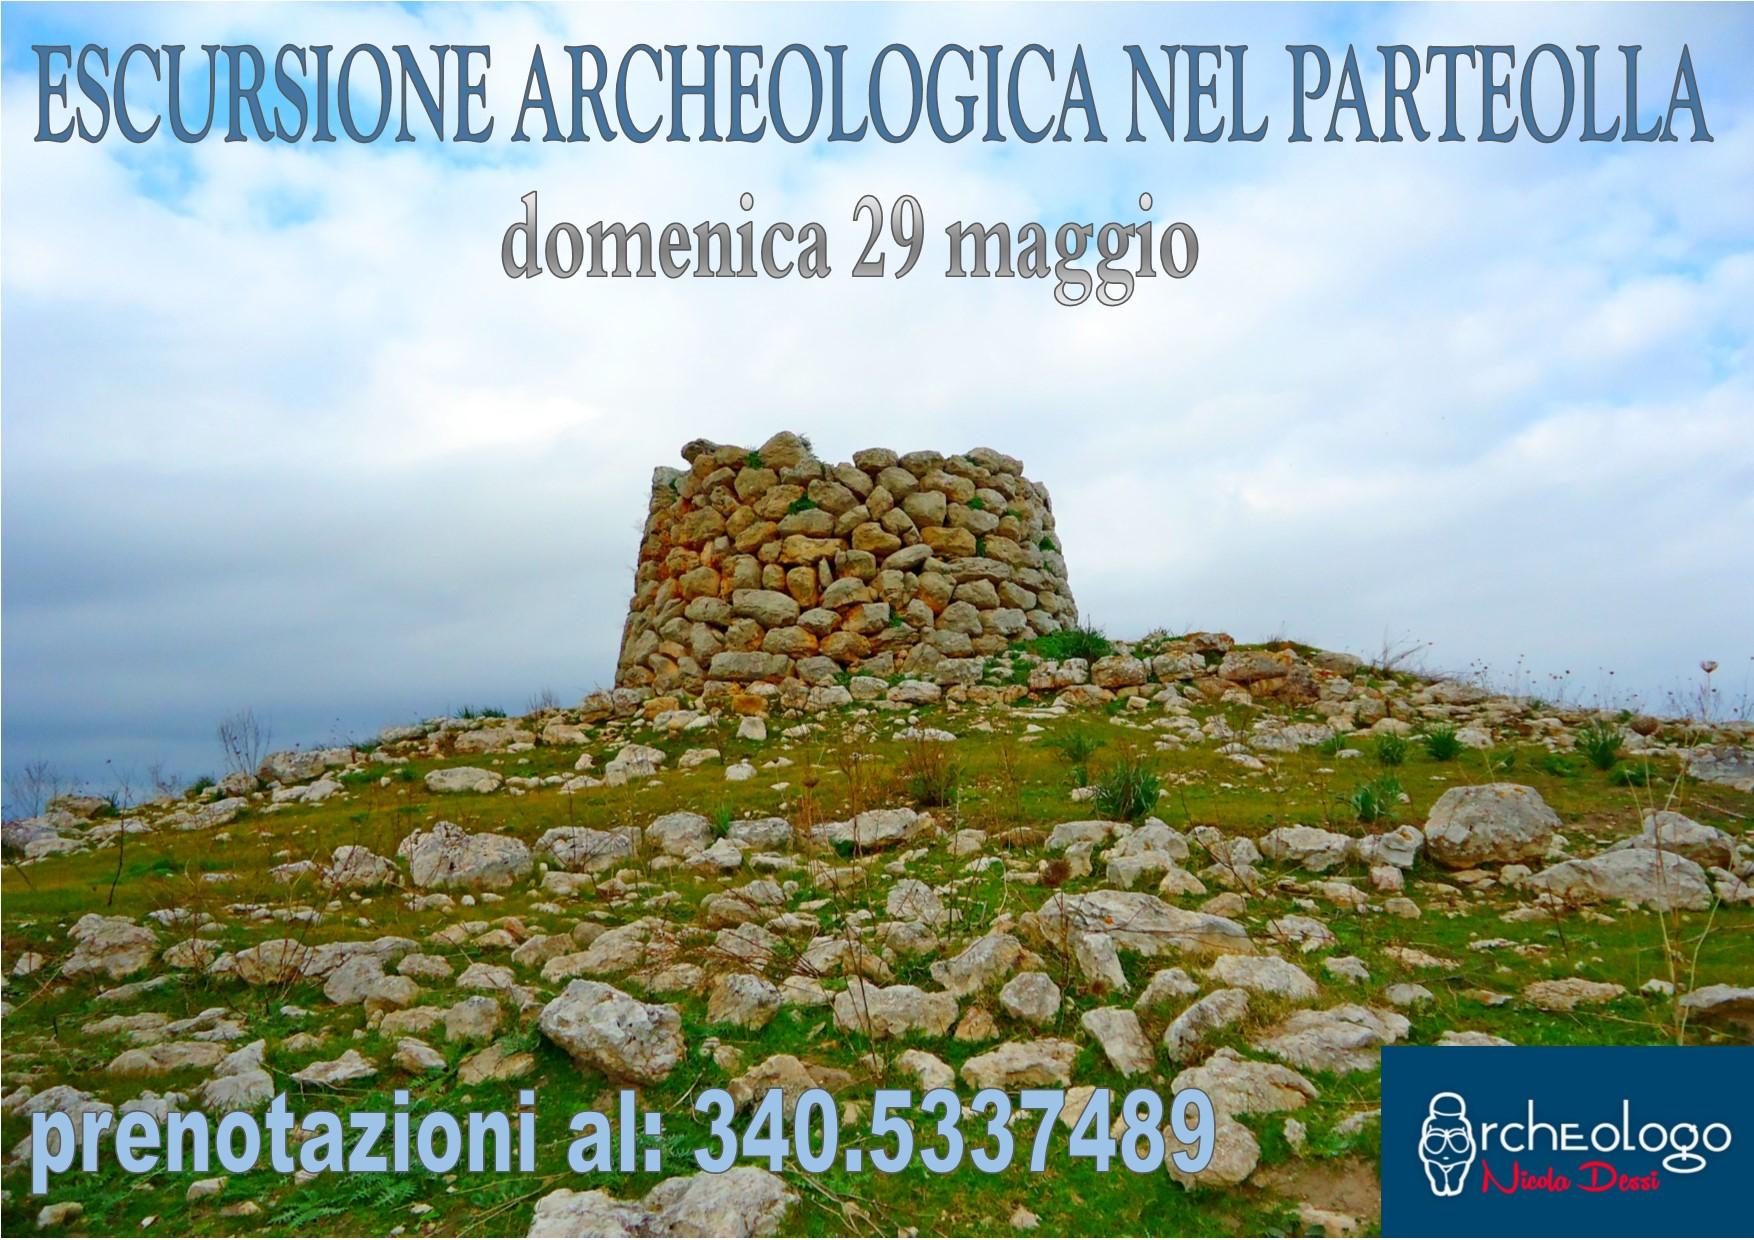 ESCURSIONE ARCHEOLOGICA NEL PARTEOLLA. Domenica 29 maggio 2016 Escursione Archeologica nel Parteolla con l'Archeologo Nicola Dessì quota di partecipazione 10 euro a persona.